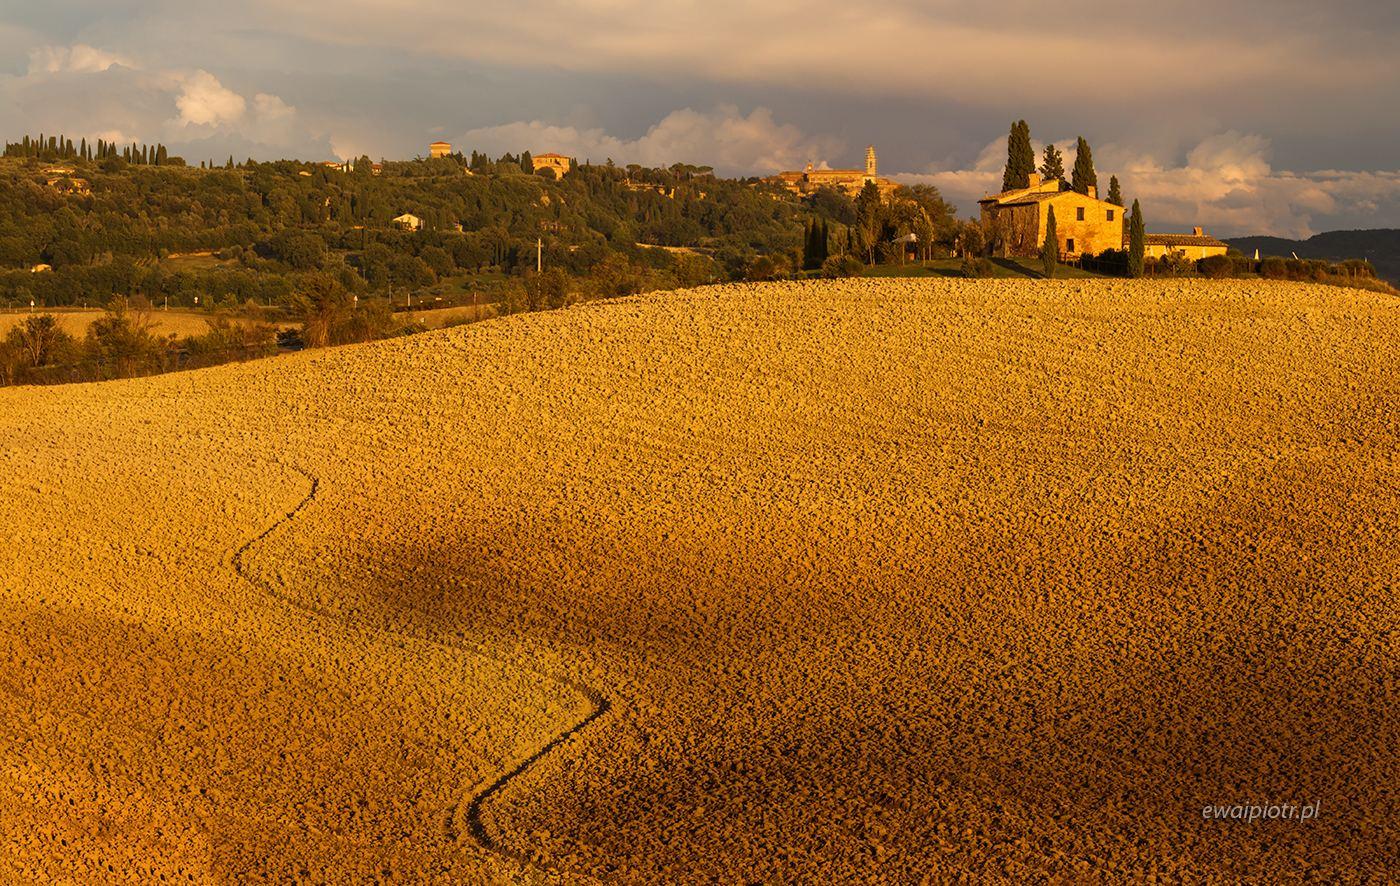 Zygzak i willa w Toskanii, Toskania, warsztaty fotograficzne, jesień